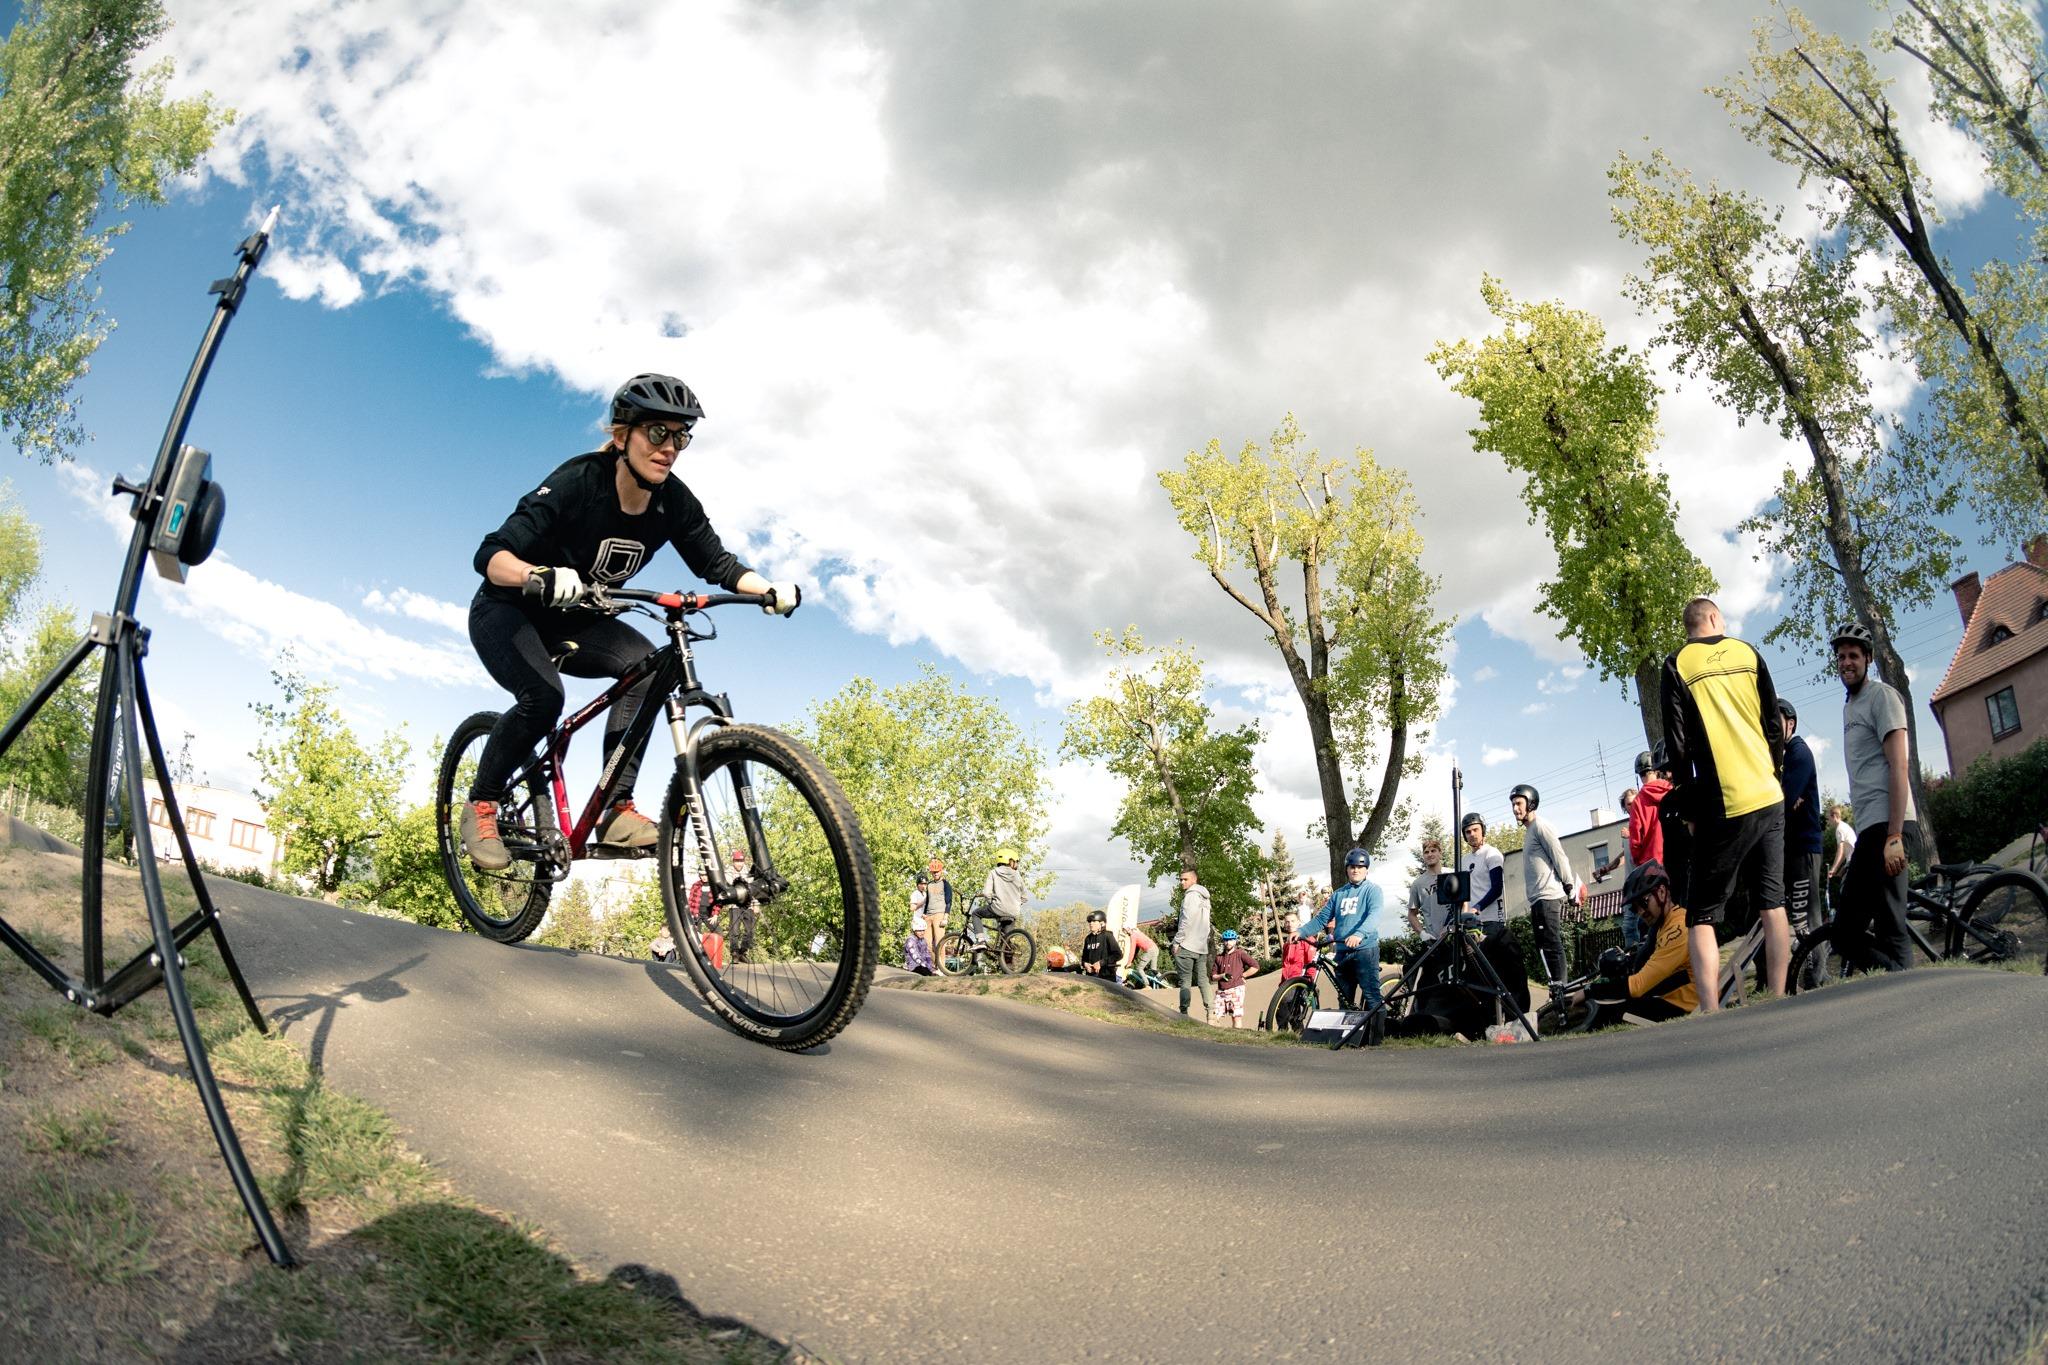 Turystyka czy ściganie? Kobiety na rowery, część 1